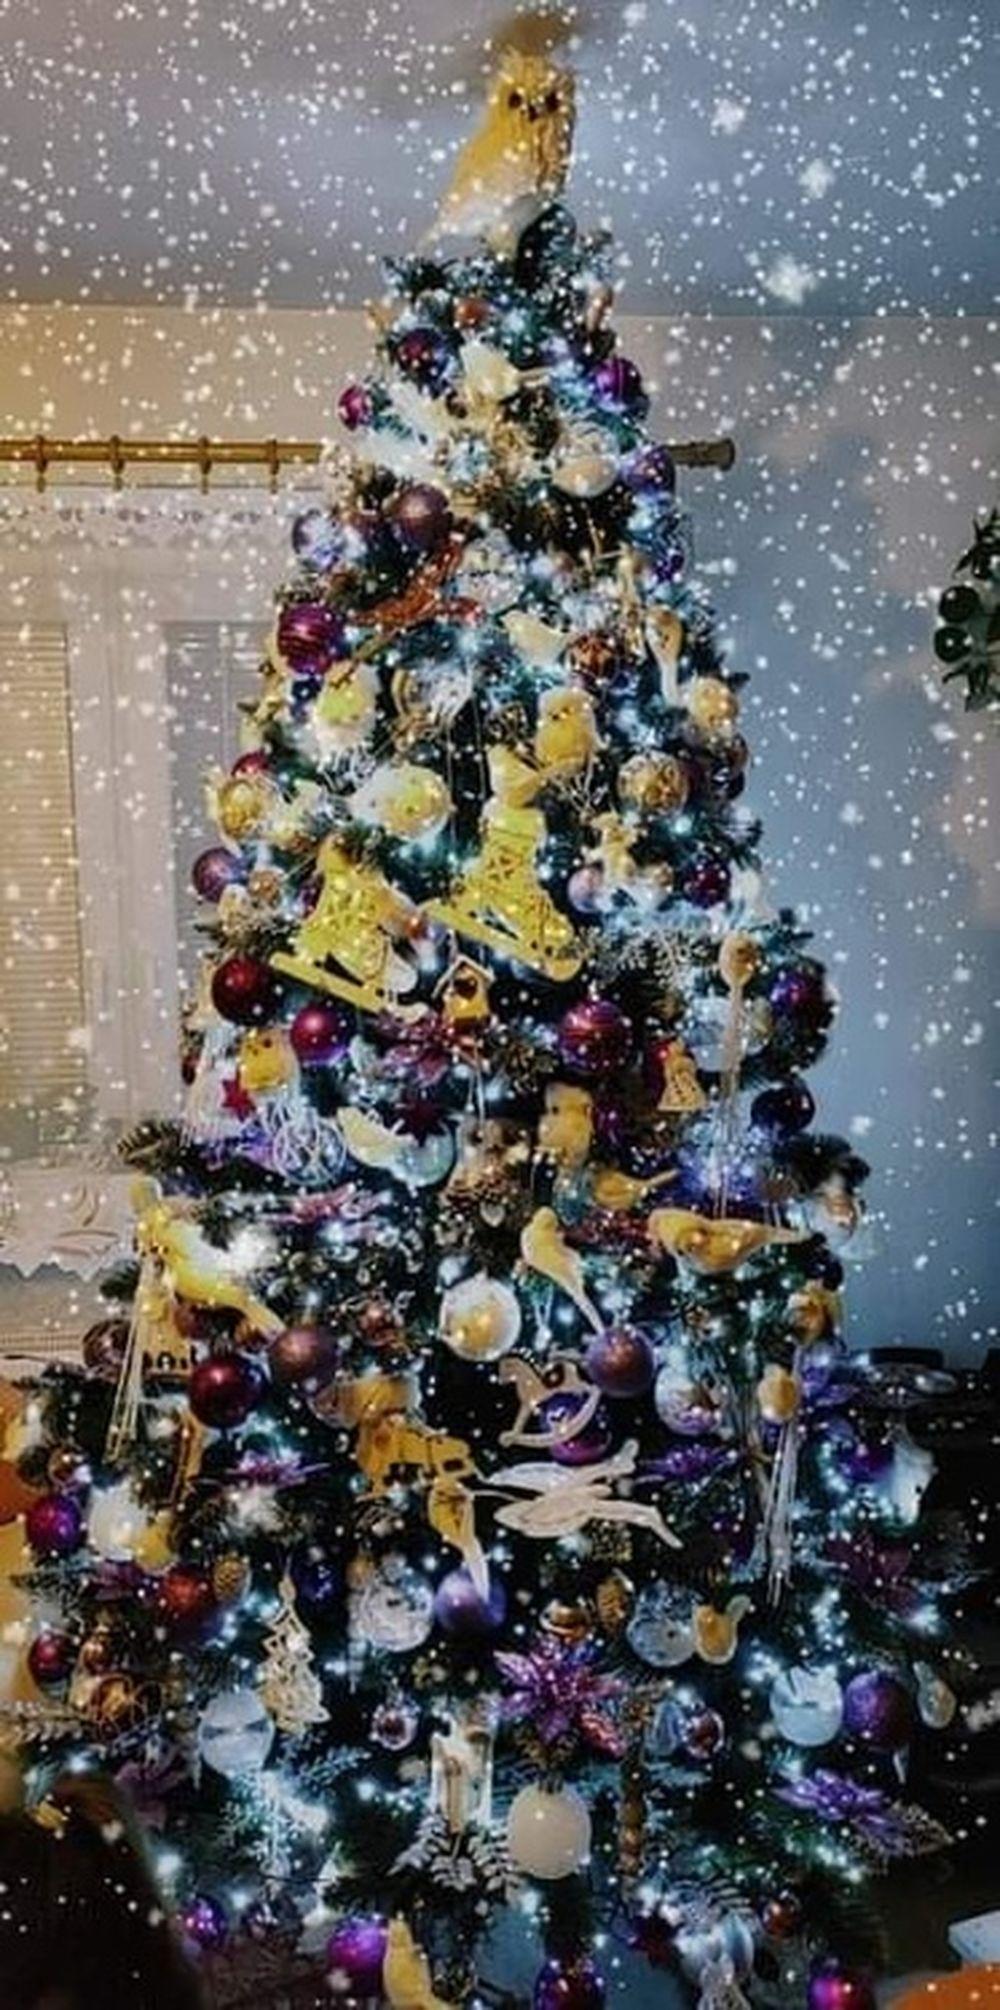 FOTO: Vianočné stromčeky v Žiline - výber fotografií našich čitateľov, foto 16